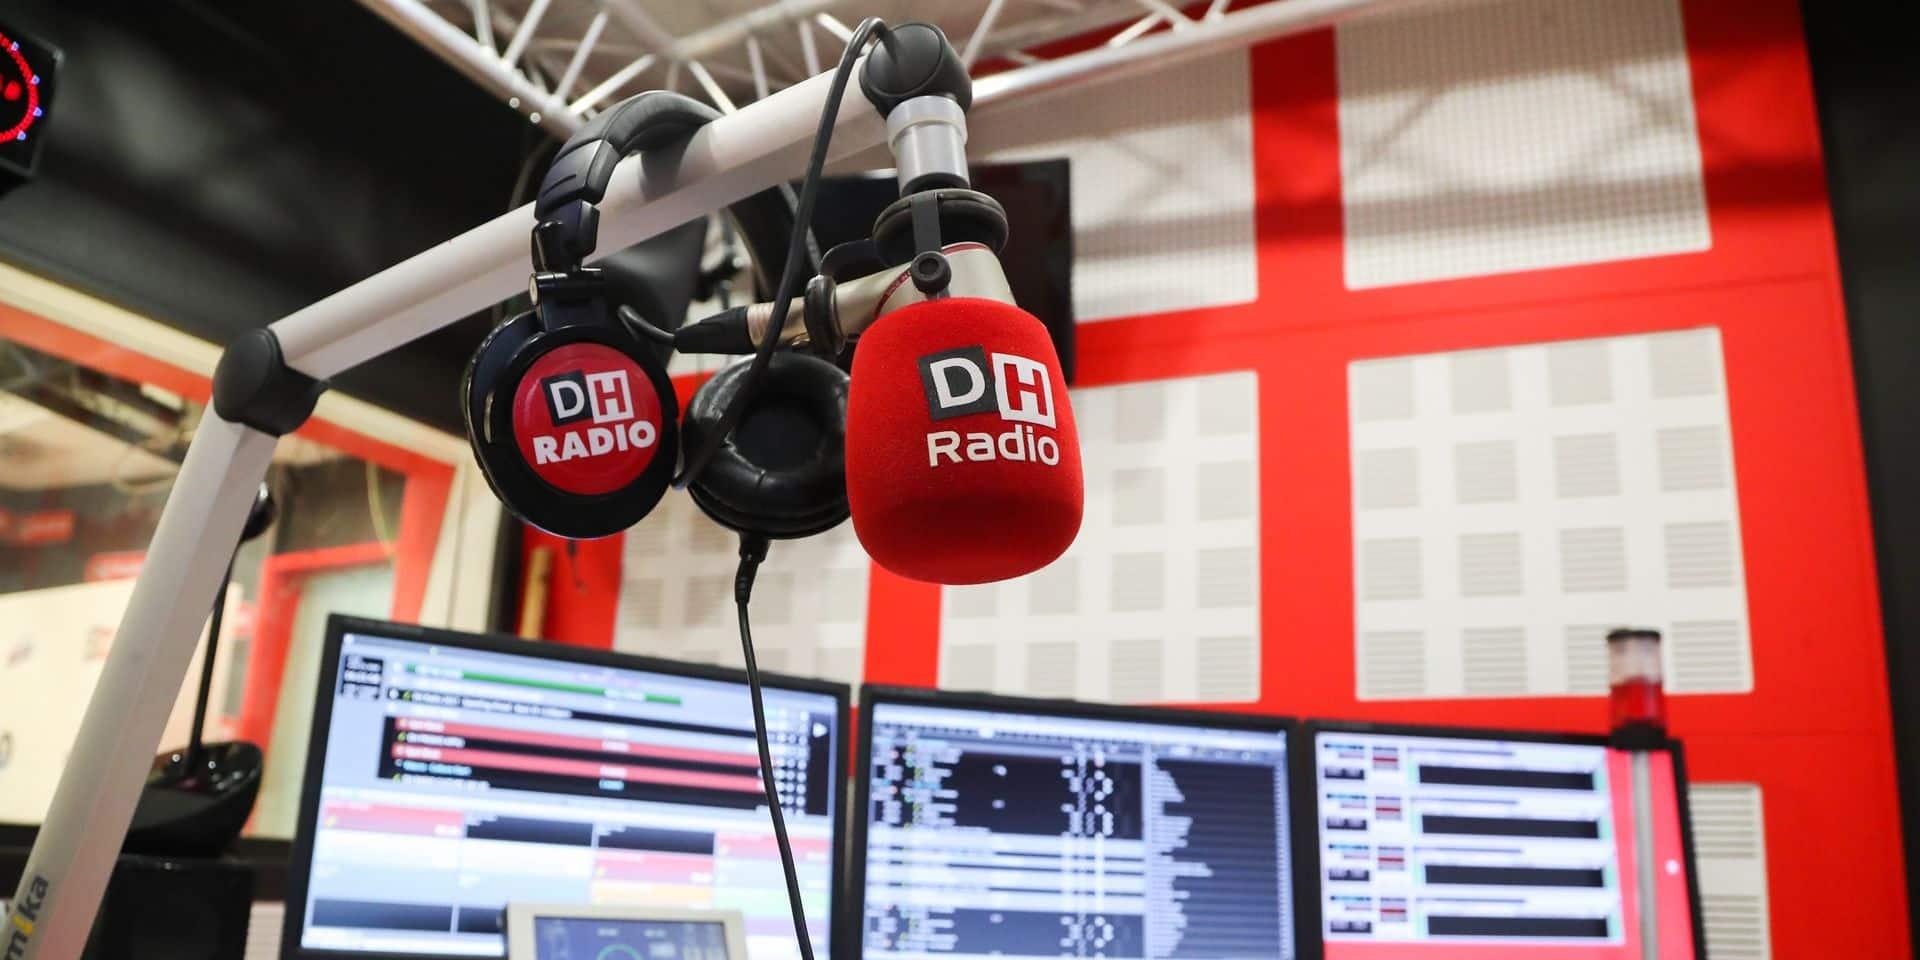 Des audiences en belle hausse pour DH Radio qui franchit un nouveau cap, Nostalgie toujours leader